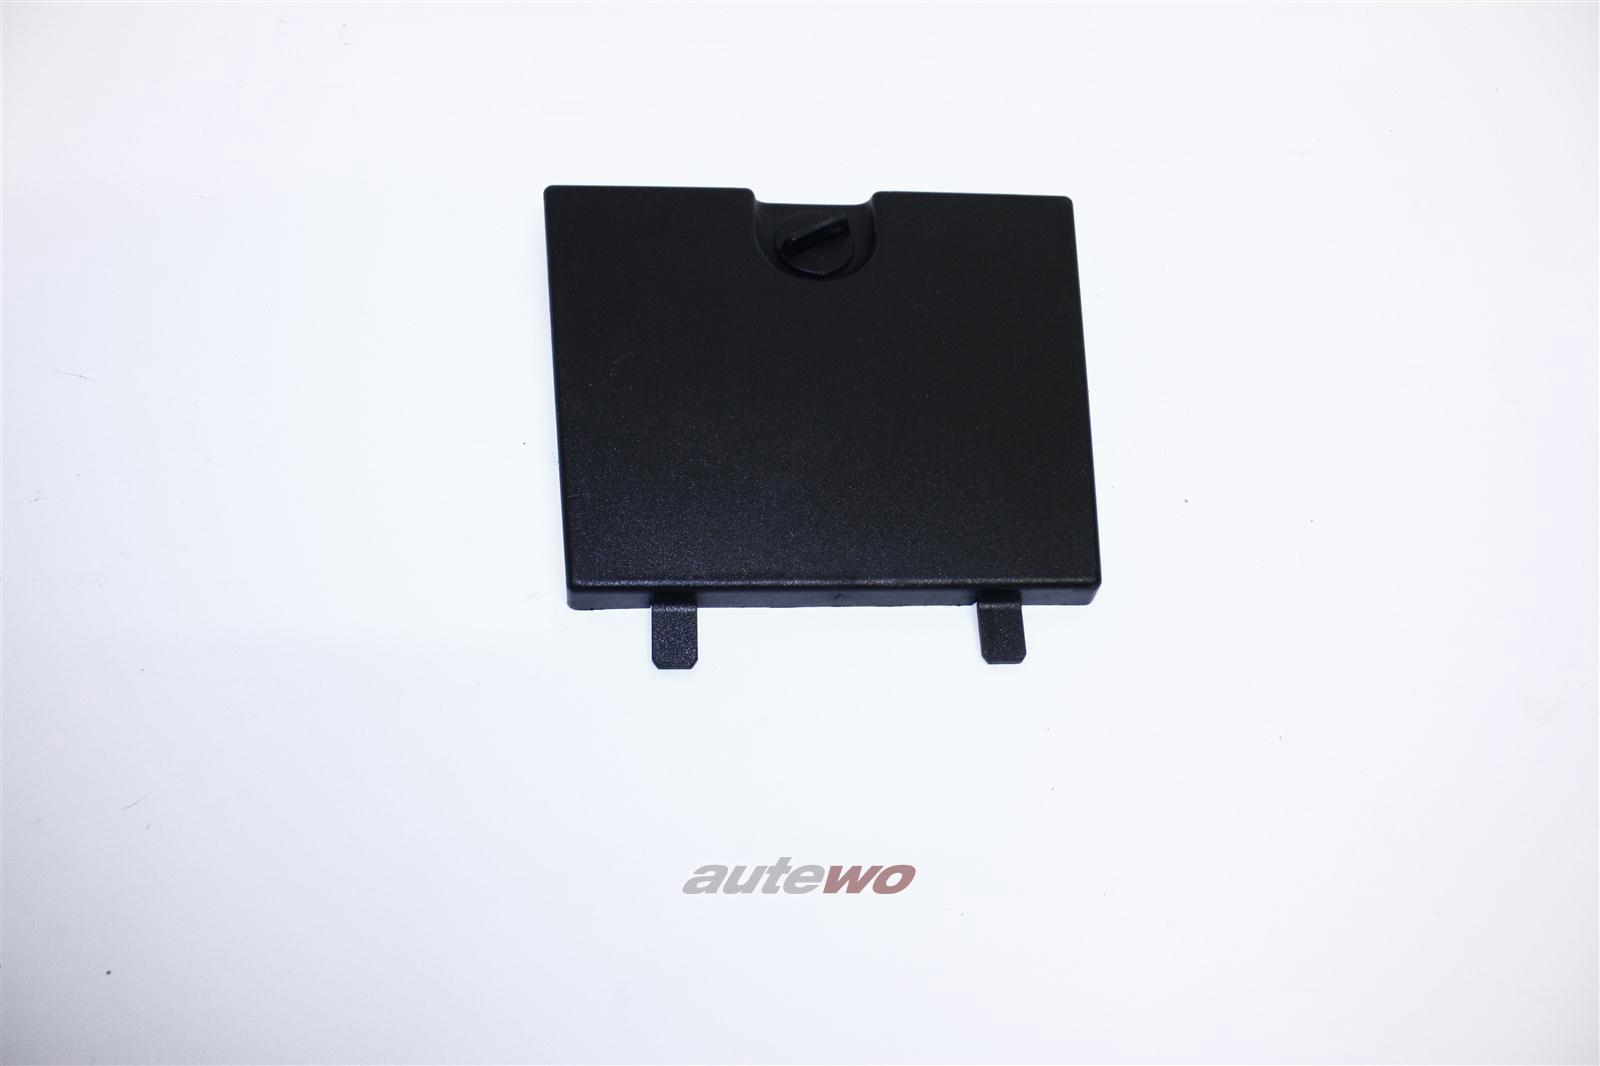 Audi A8/S8 D2 Abdeckung Rücklicht Links X08 grau 4D0863507A